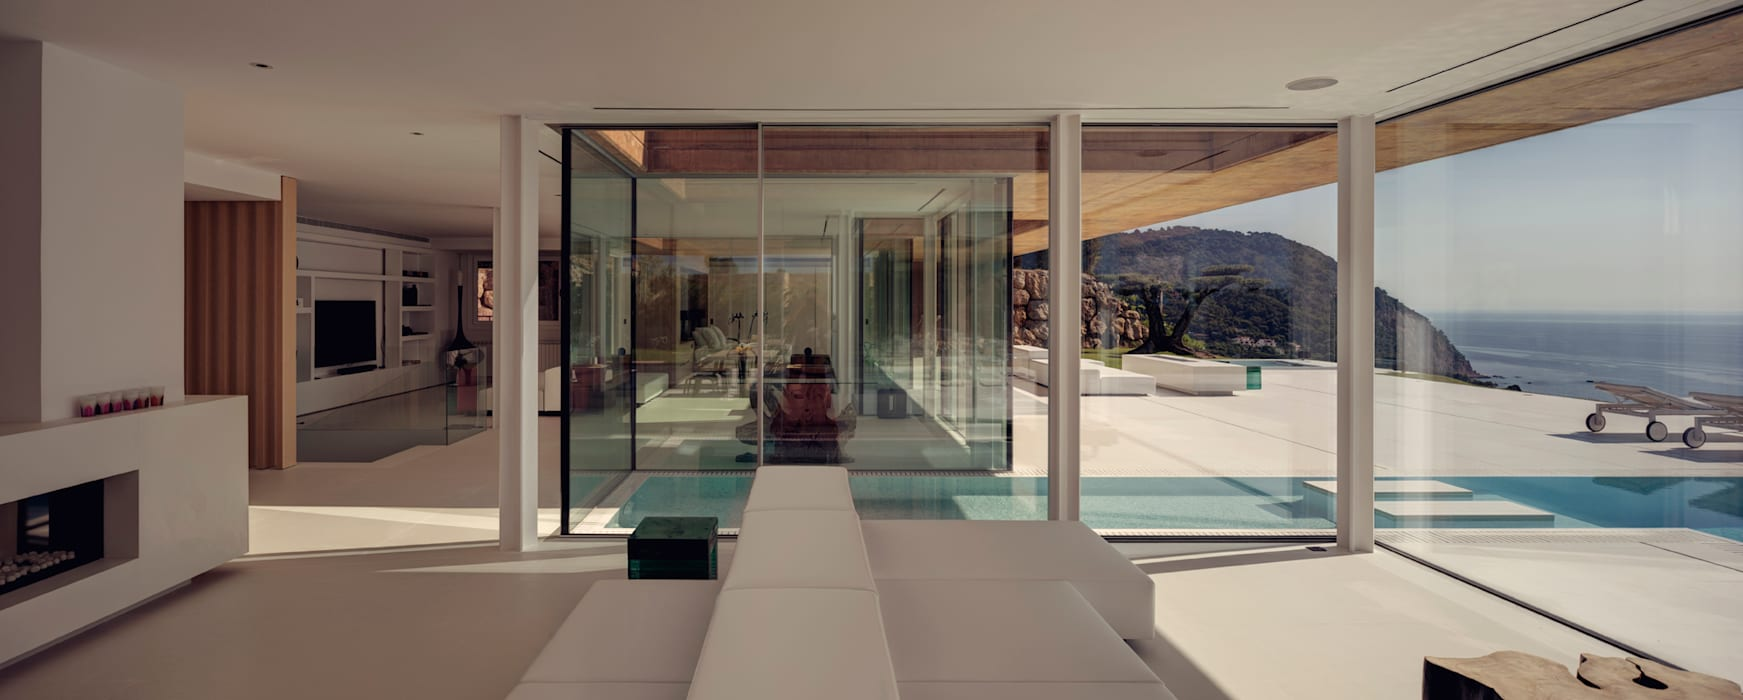 Rehabilitación de vivienda unifamiliar en Begur, Costa Brava, Baix Empordá: Salones de estilo minimalista de MANO Arquitectura